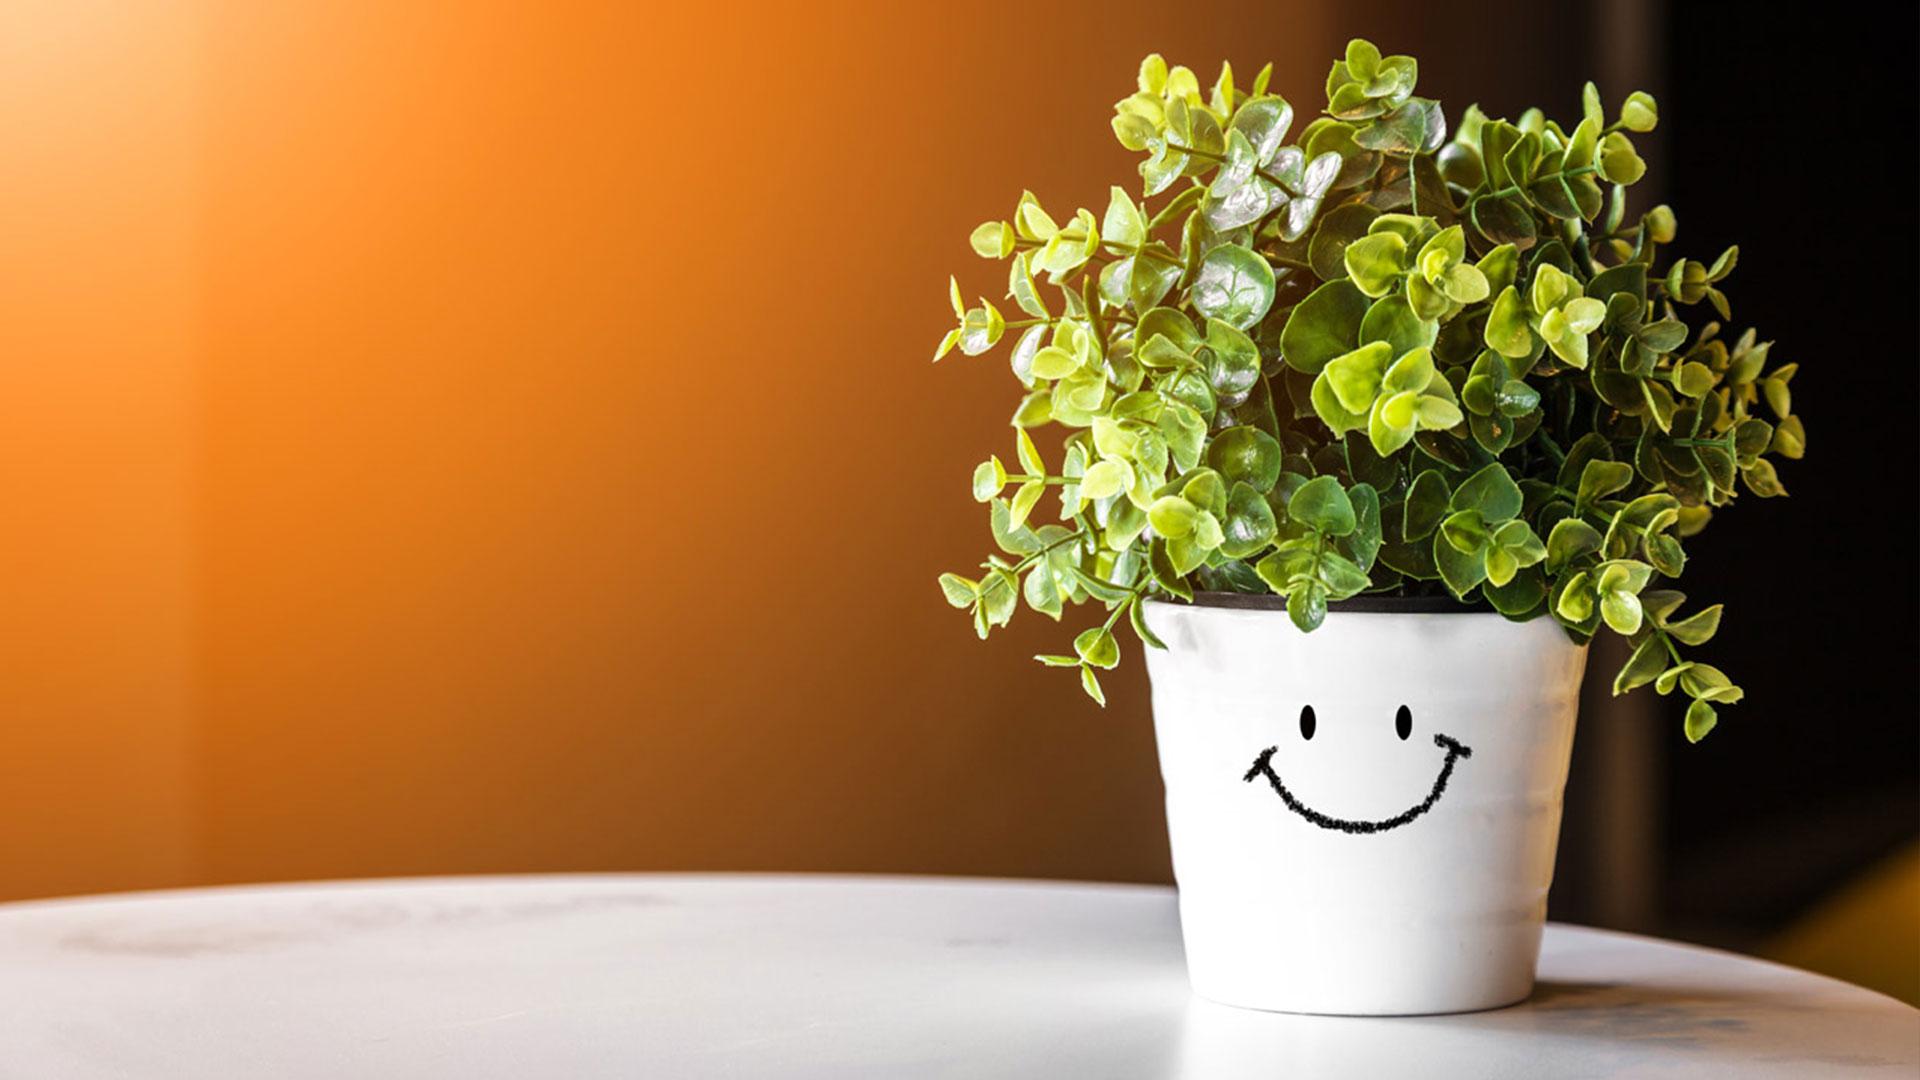 International Bloemen, unul dintre principalii furnizori de flori, plante și aranjamente florale pentru retail, lansează o gamă nouă de ghivece